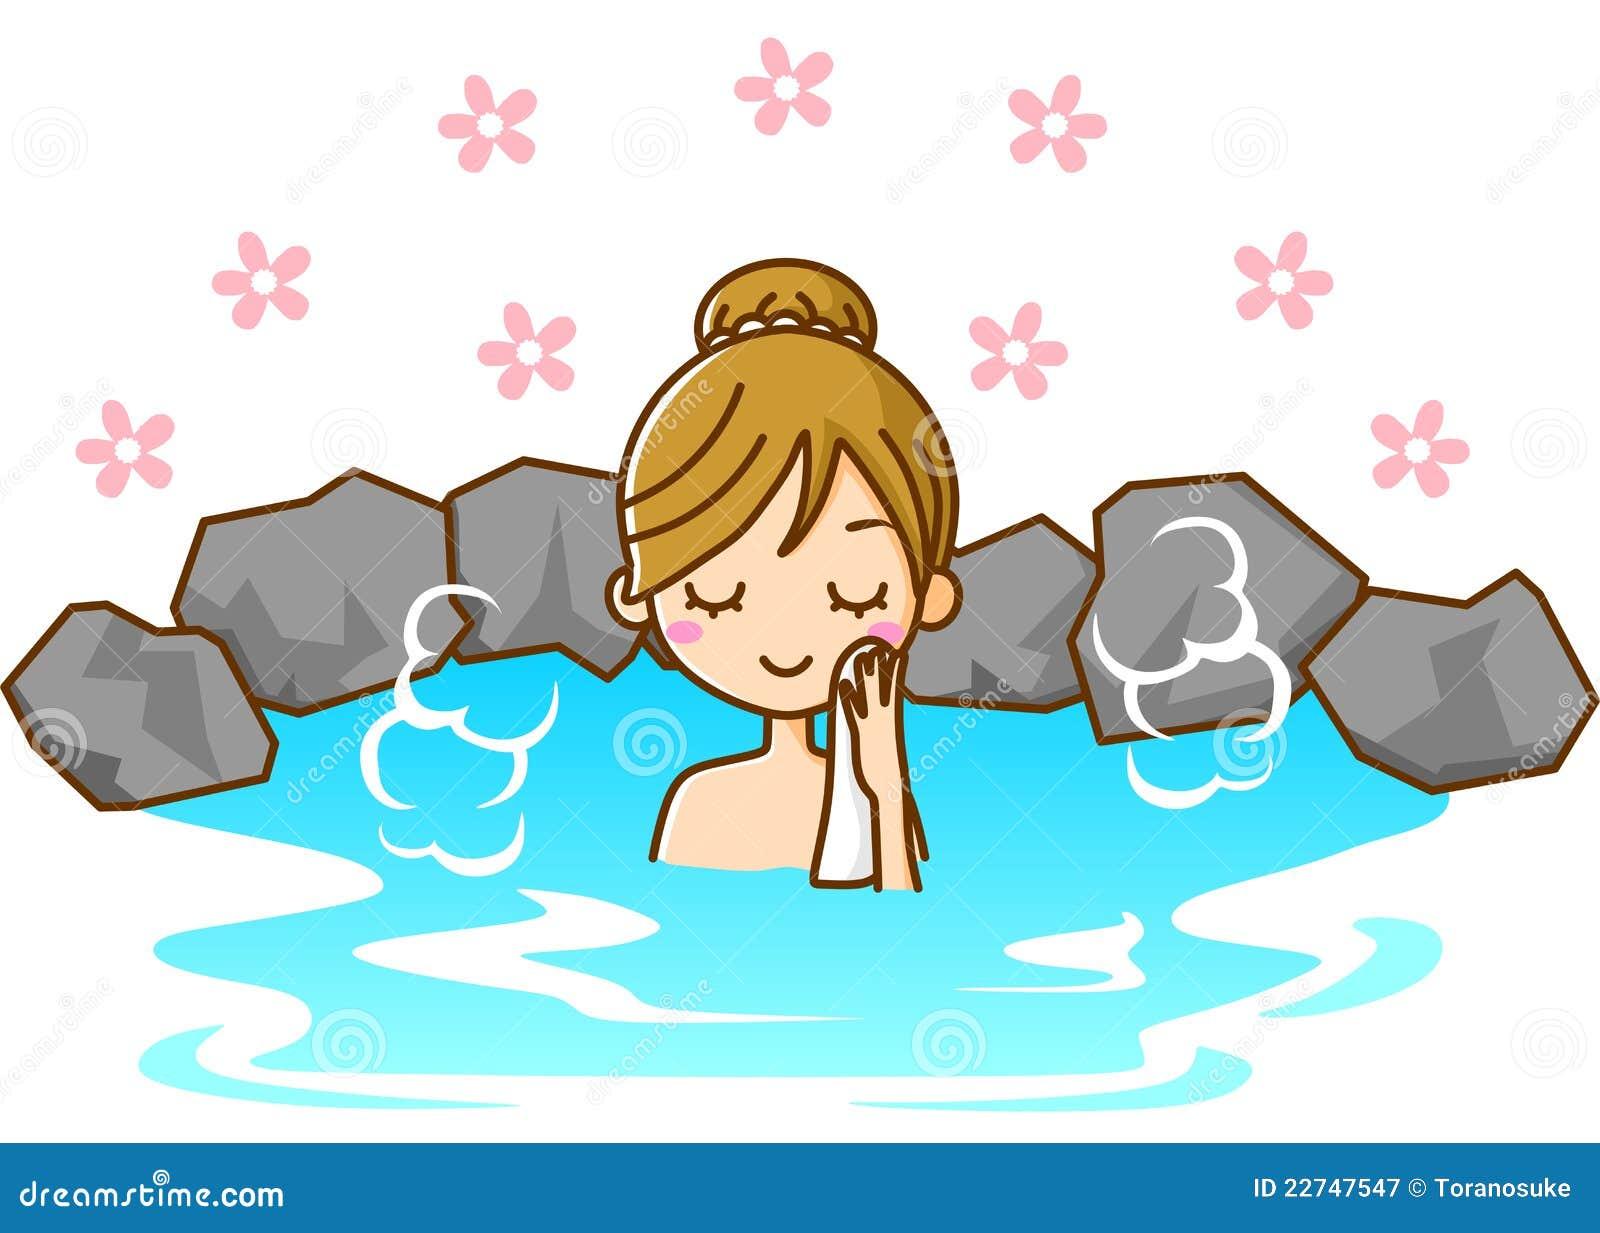 women take a bath stock illustration illustration of travel 22747547. Black Bedroom Furniture Sets. Home Design Ideas